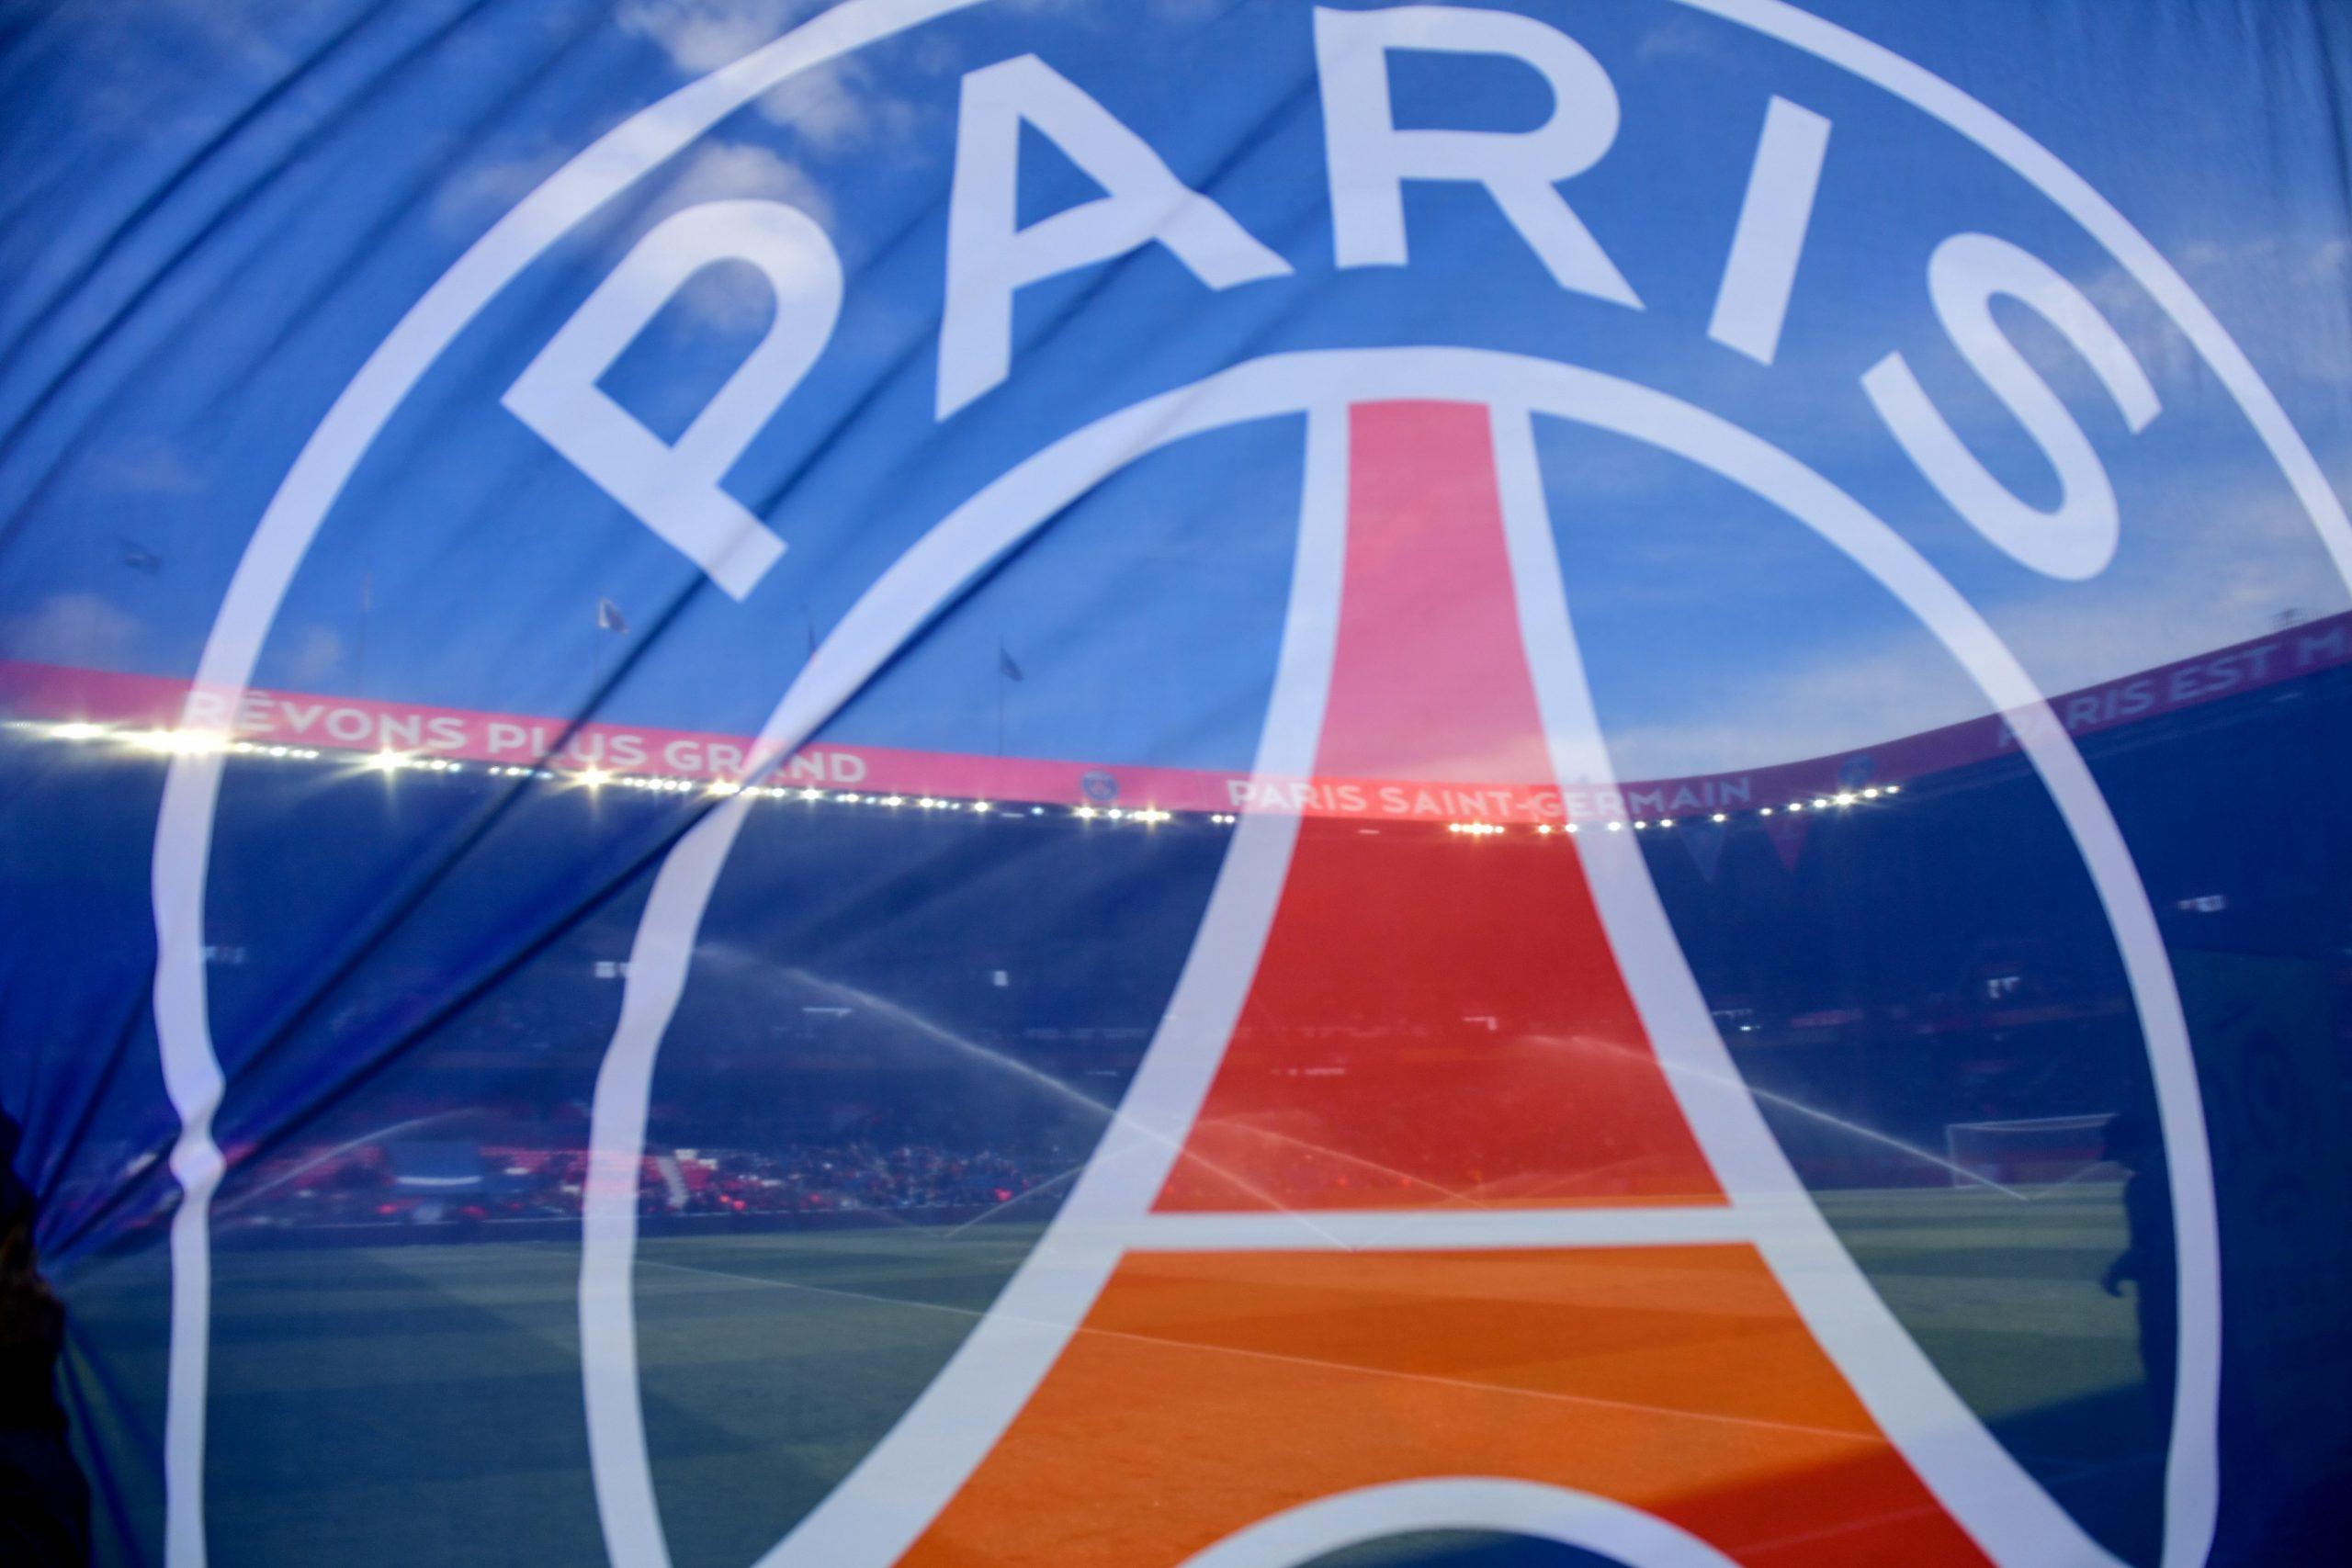 """Le PSG veut organiser un """"All Star Game"""" pour ses 50 ans, selon RMC sport"""